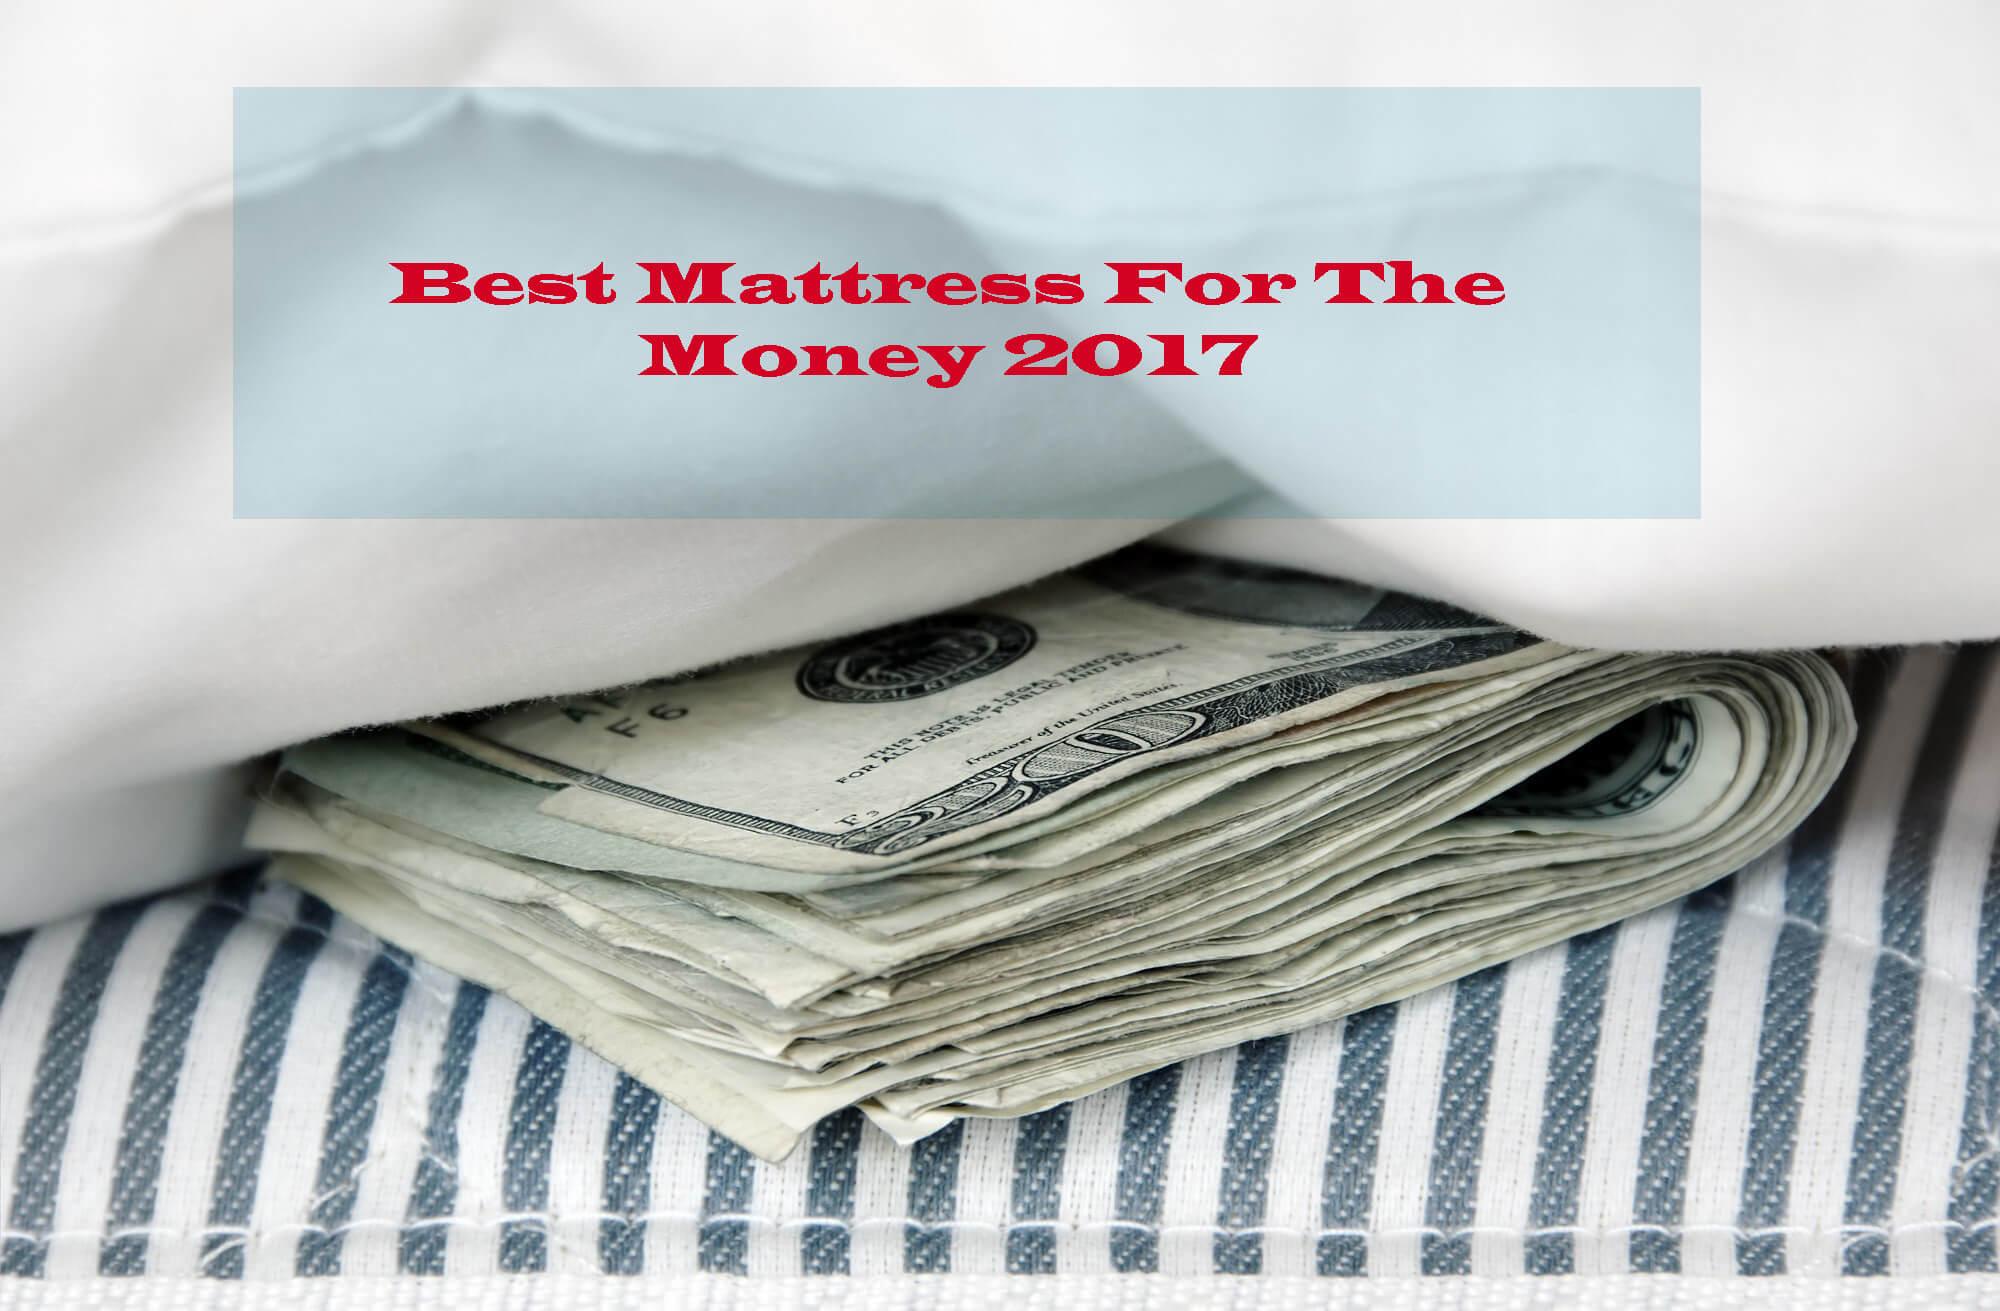 Top 20 Best Mattress For The Money Best Mattress 2018